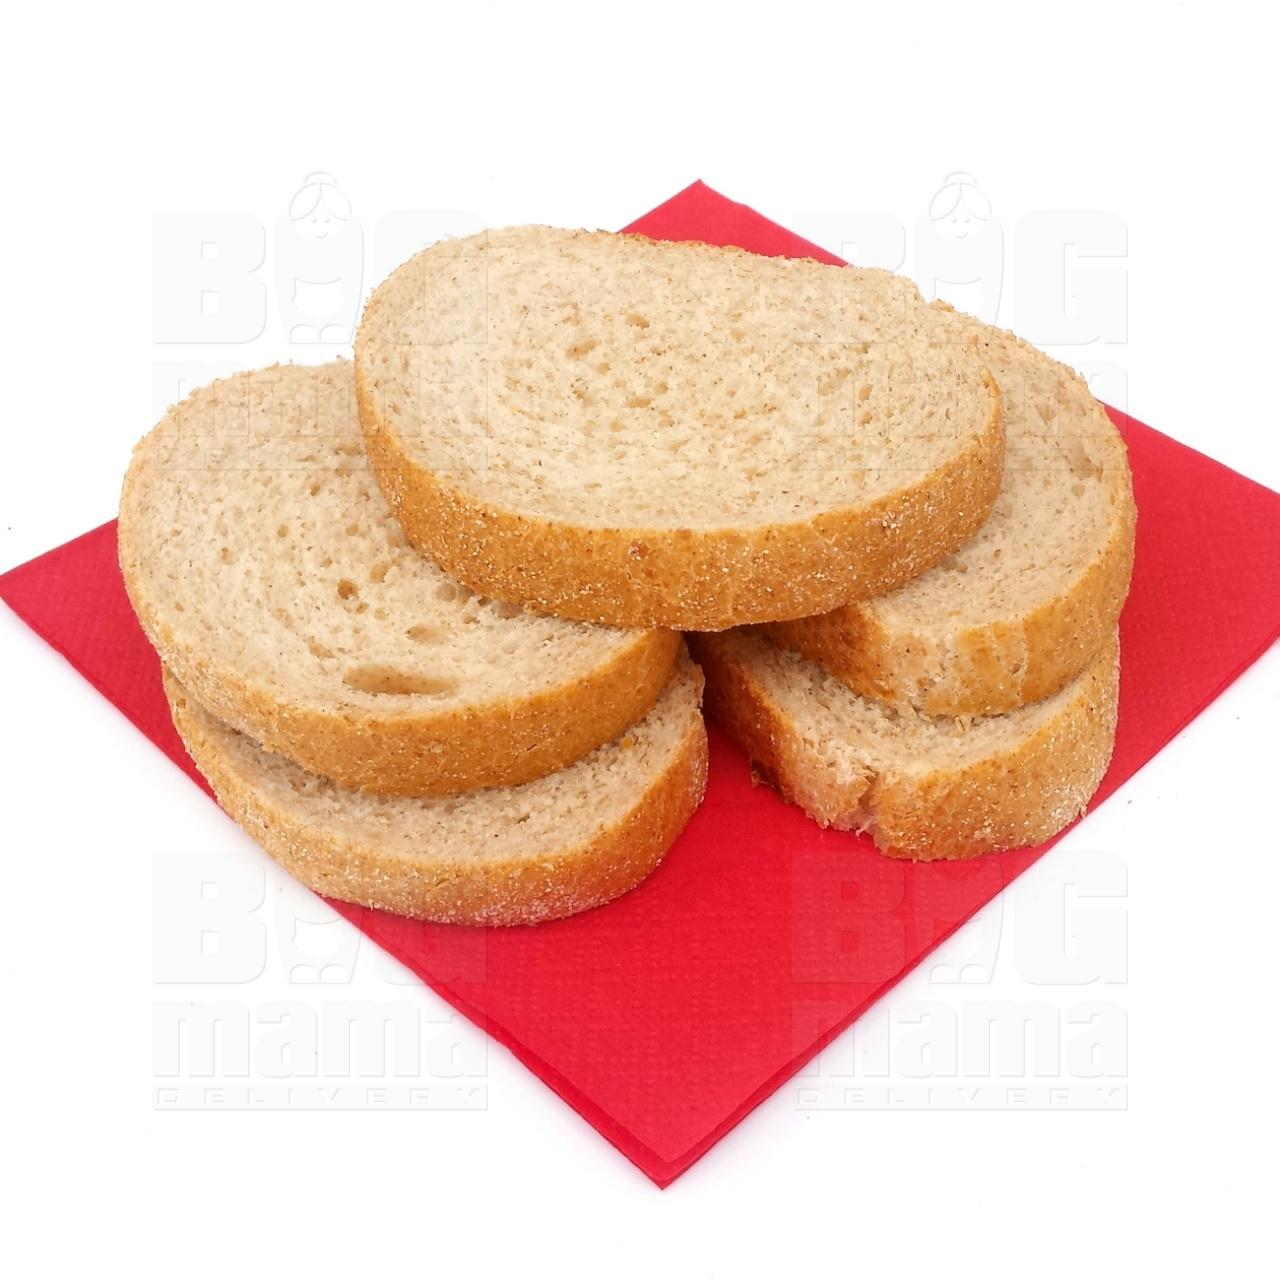 Product #165 image - Pâine brună